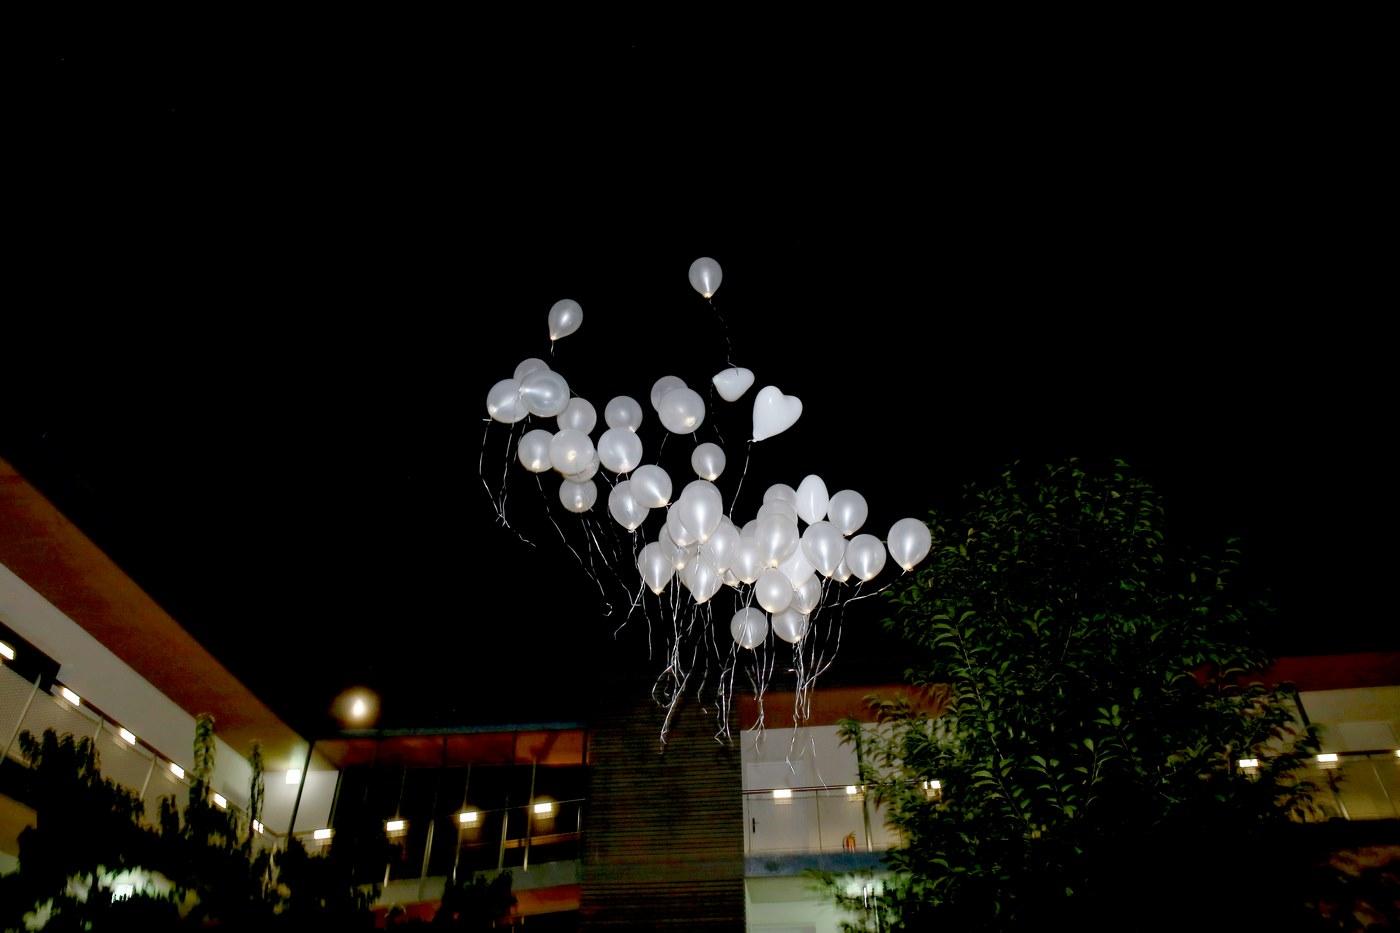 Weiße Ballons bei Nacht in der Luft